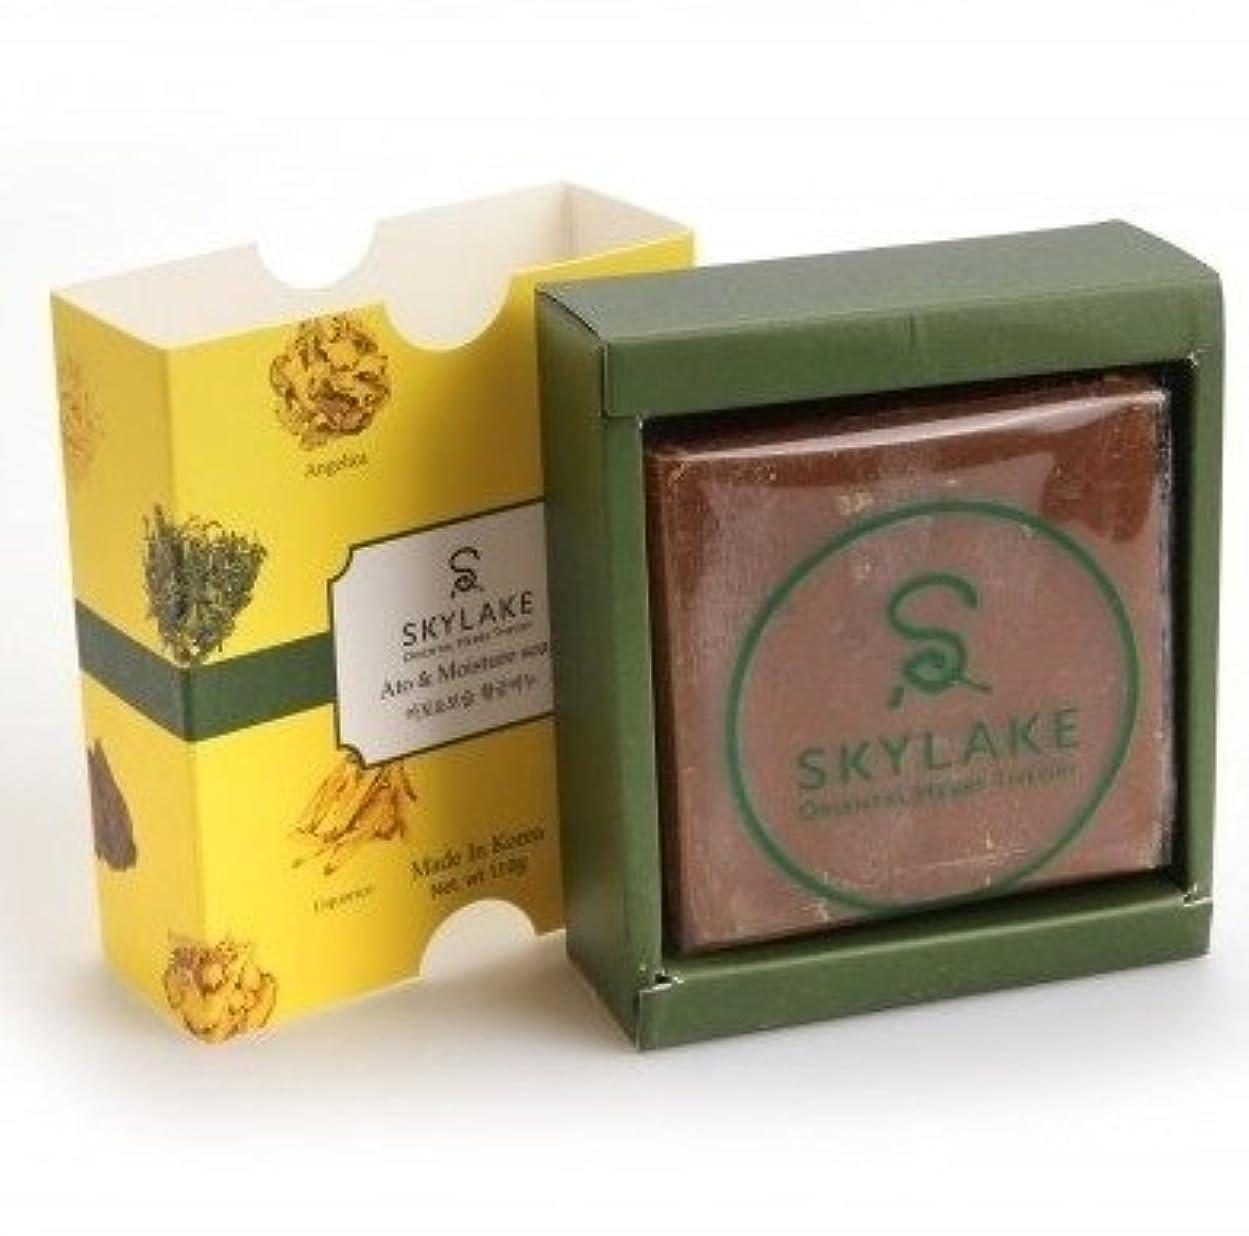 貨物主婦のみ[1+1]ハヌルホス[Skylake] 漢方アロマ石鹸Oriental Herbs Theory Soap (アト?保湿用)